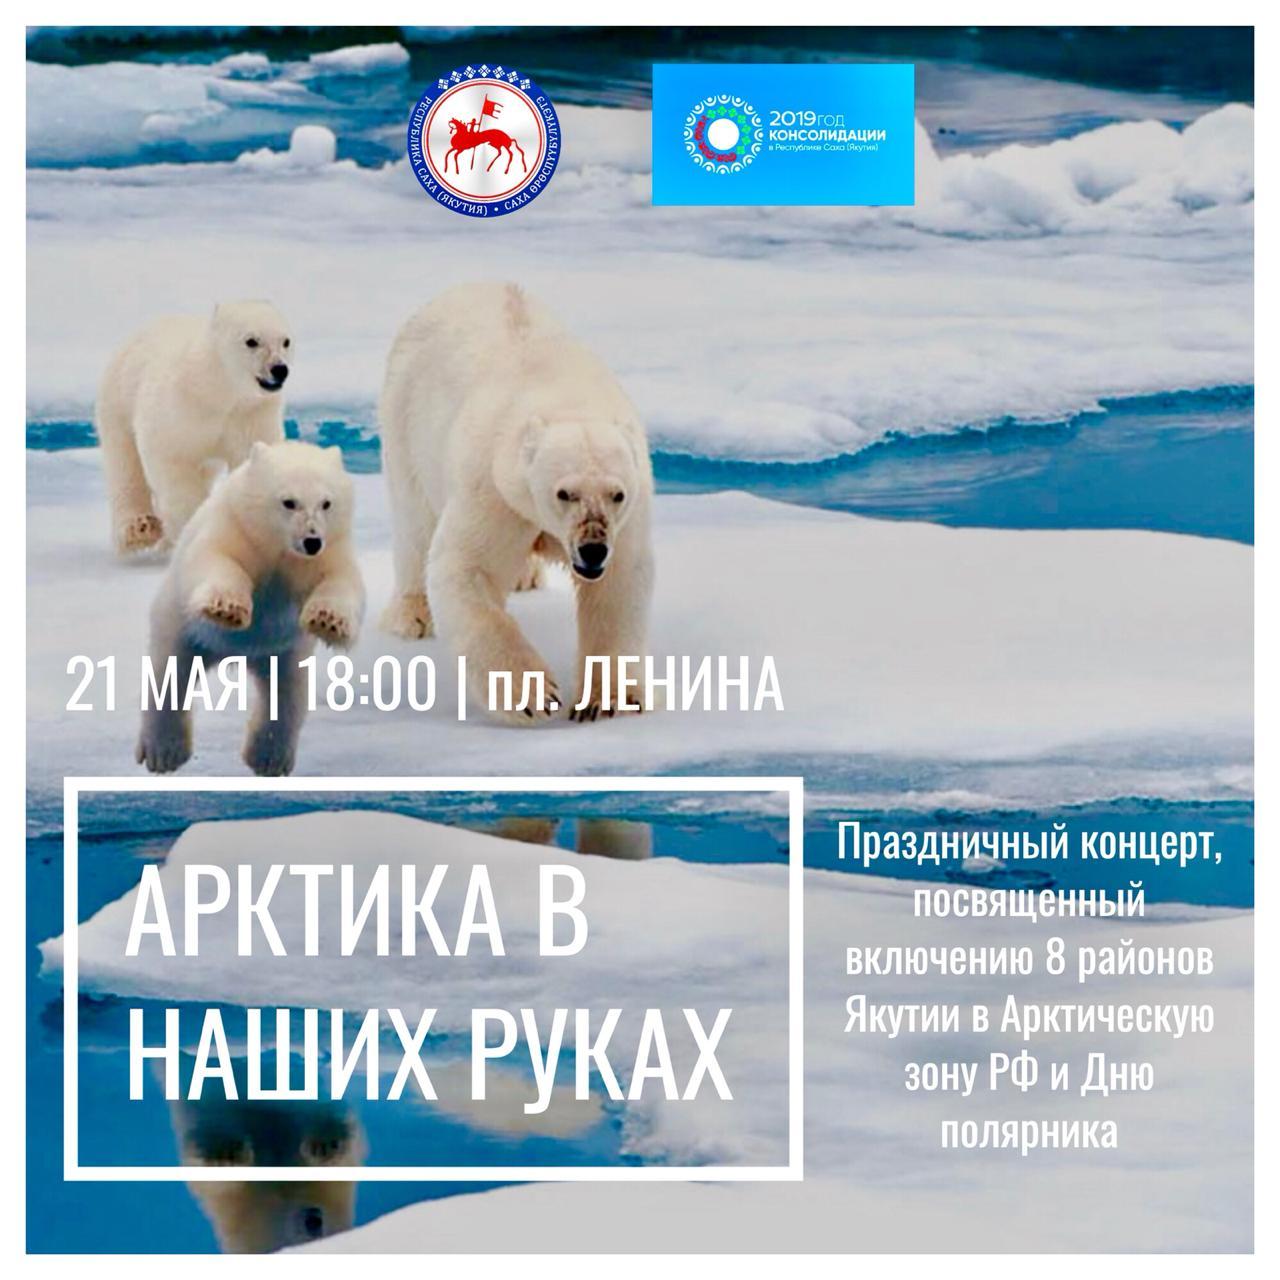 Якутян приглашают на праздничные мероприятия по поводу включения восьми районов Якутии в Арктическую зону РФ